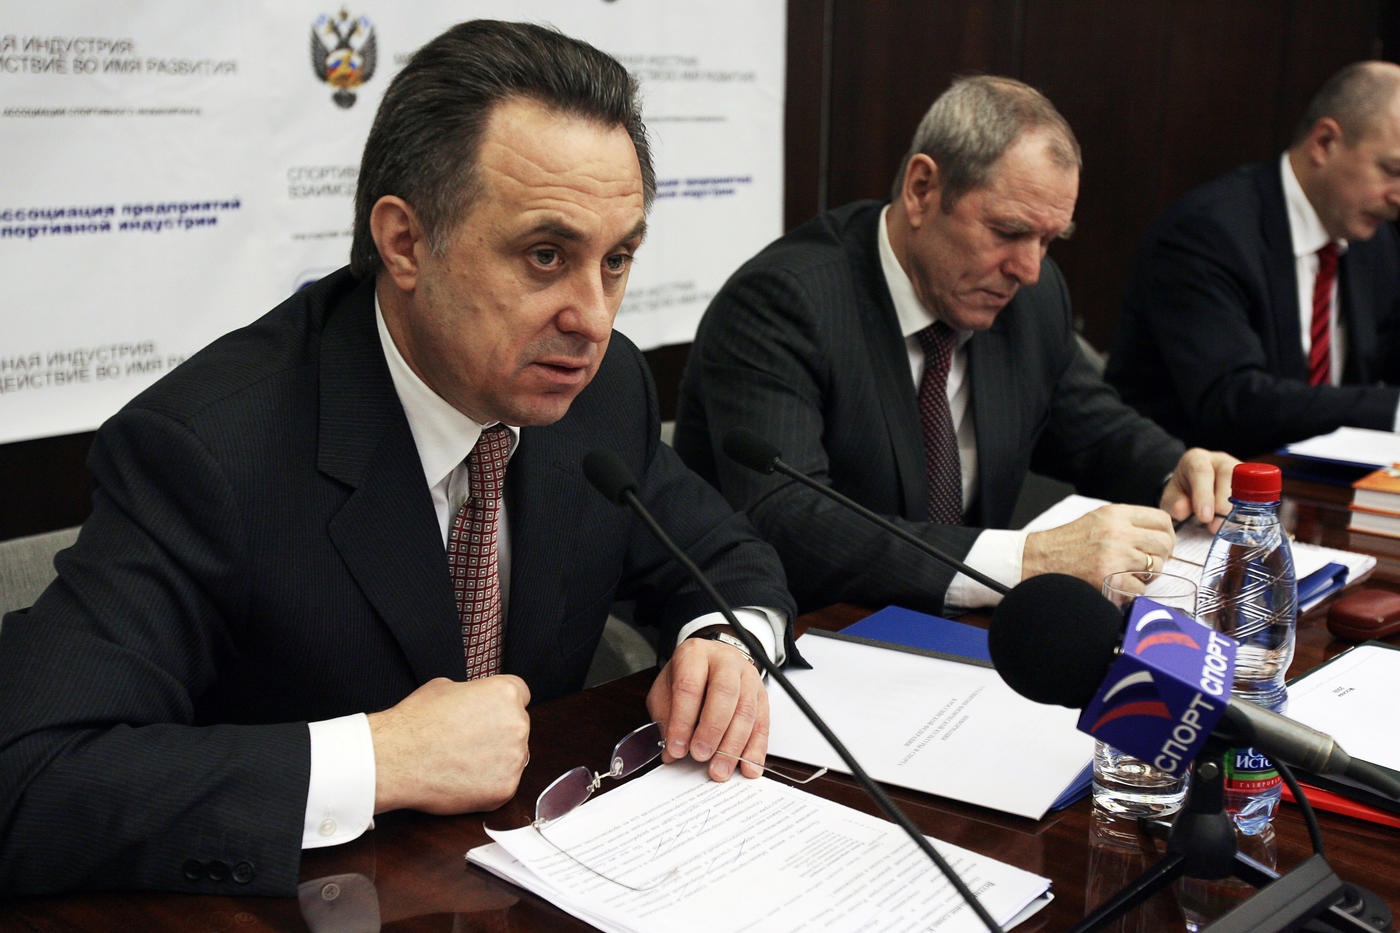 Виталий Мутко: Хочу, чтобы в управление футболом приходили люди, которые прошли футбольную школу - фото